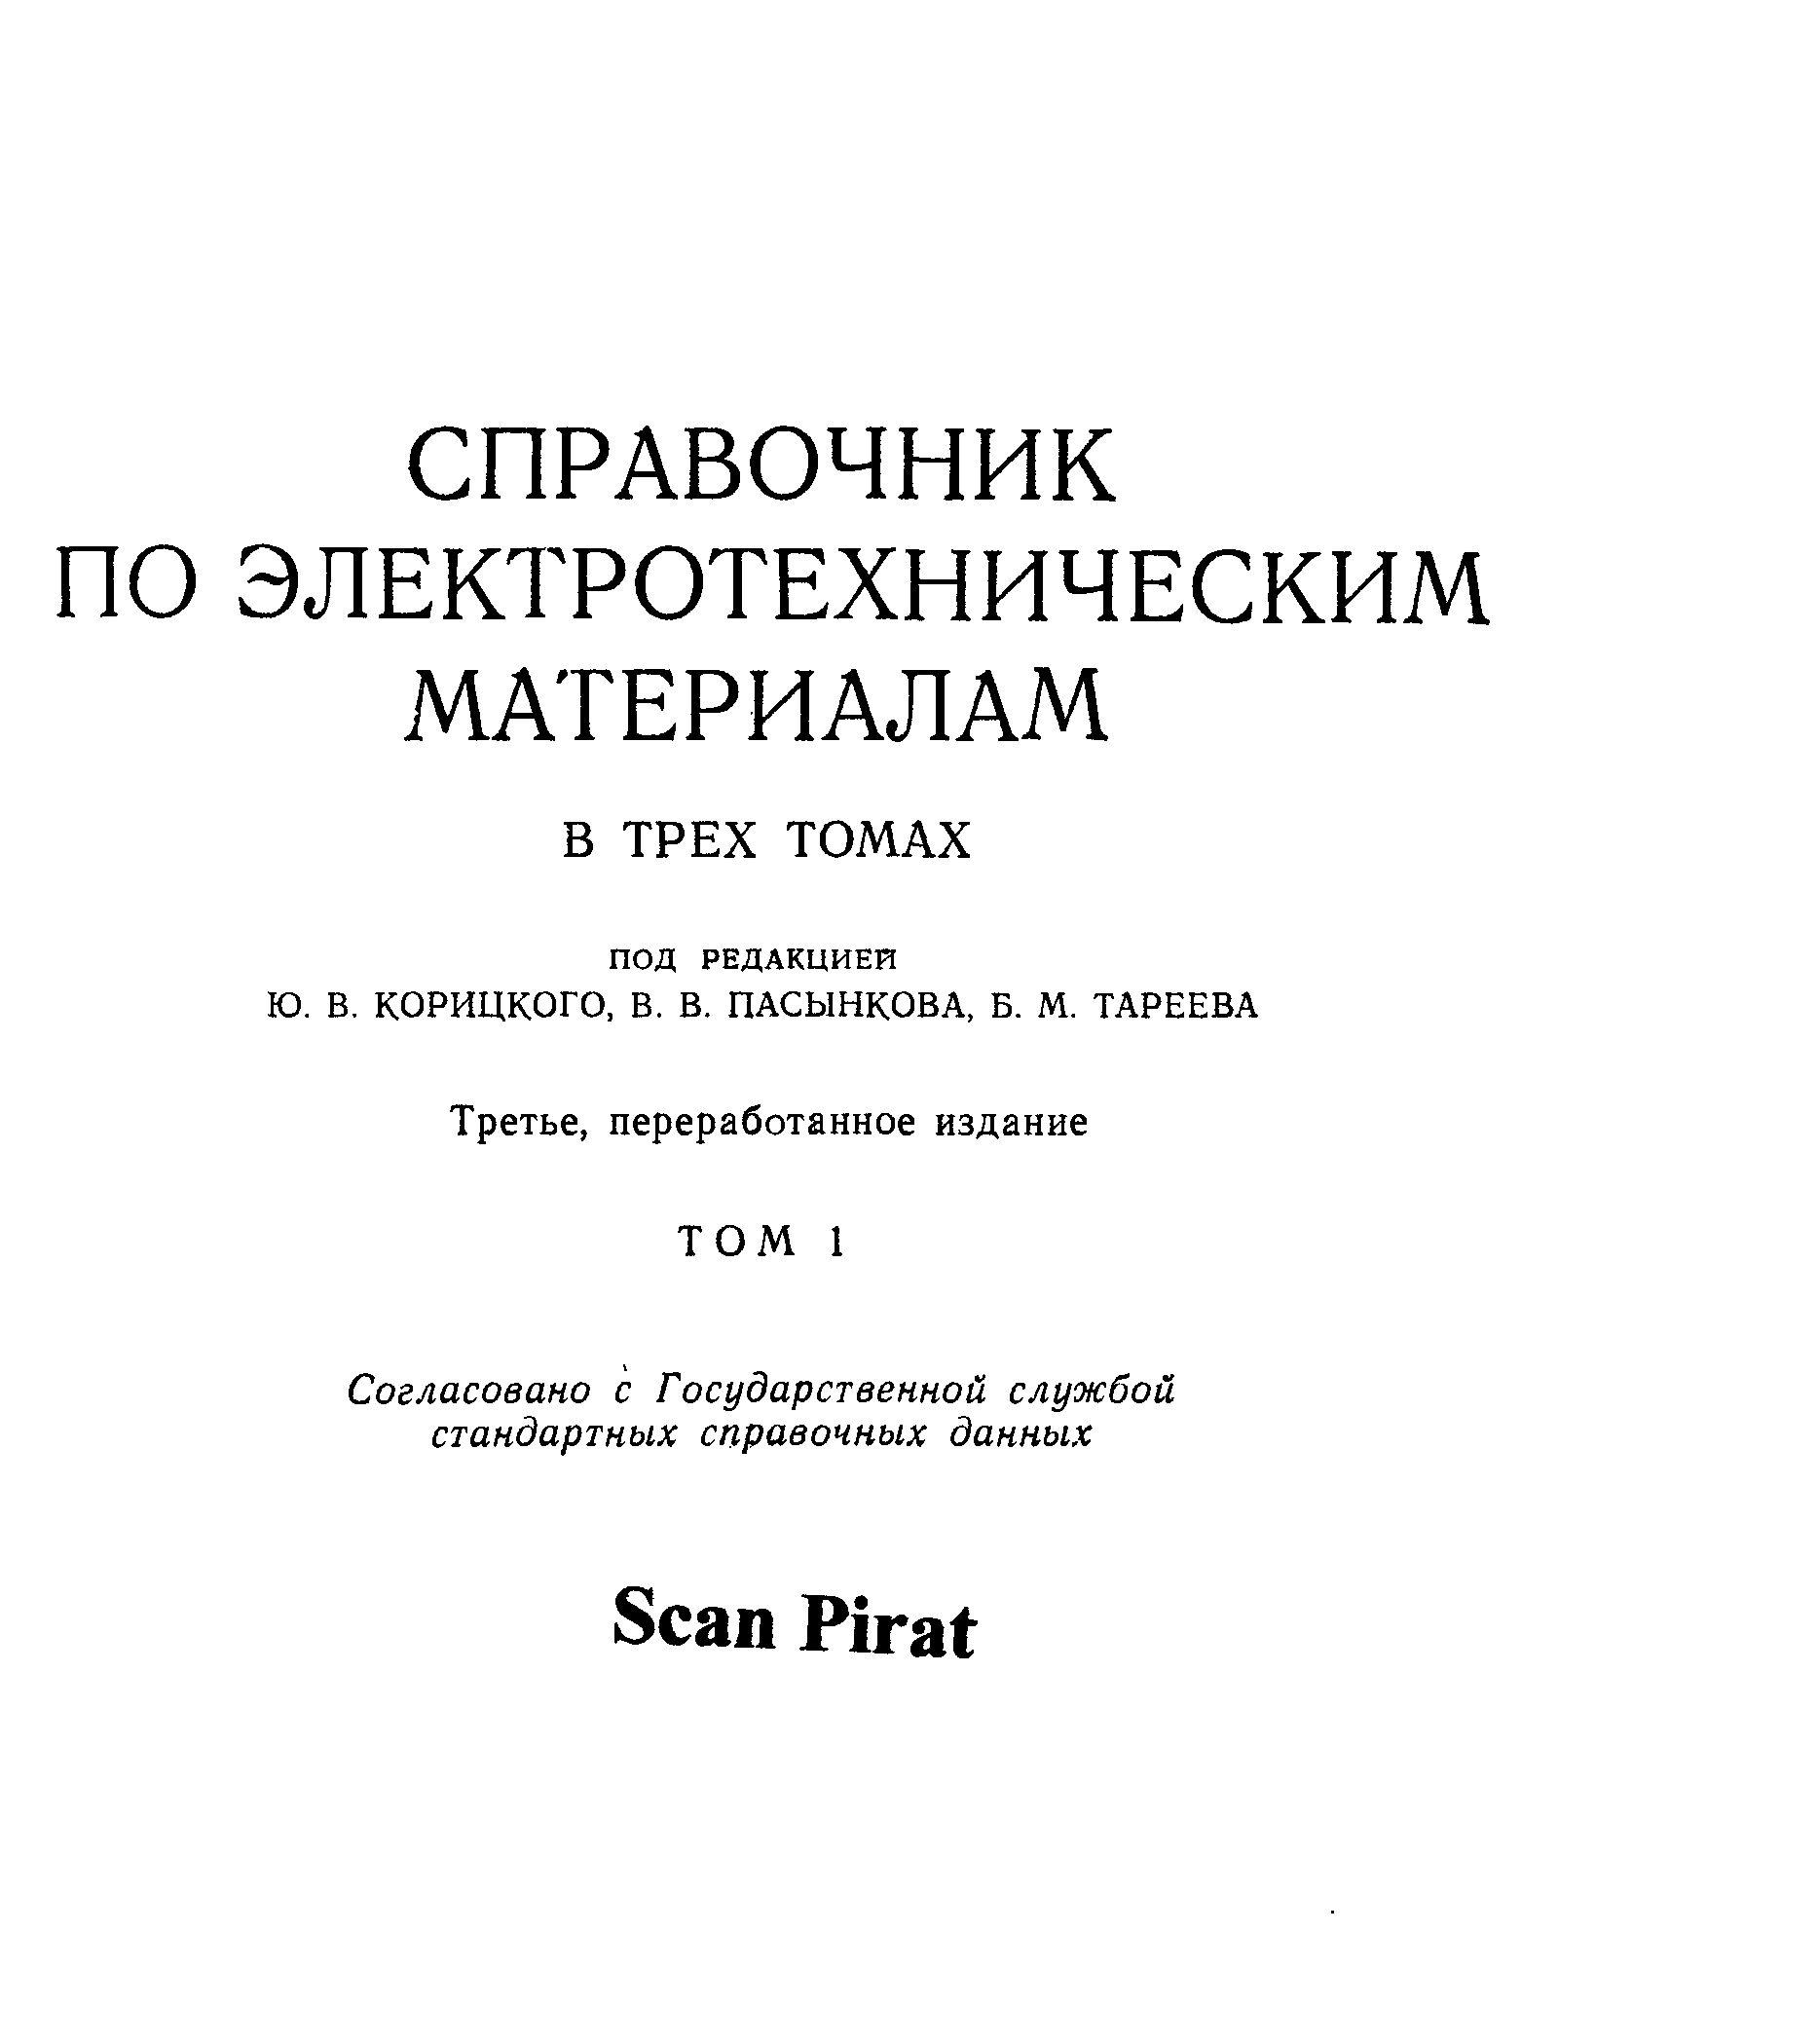 Справочник по электротехническим материалам том1